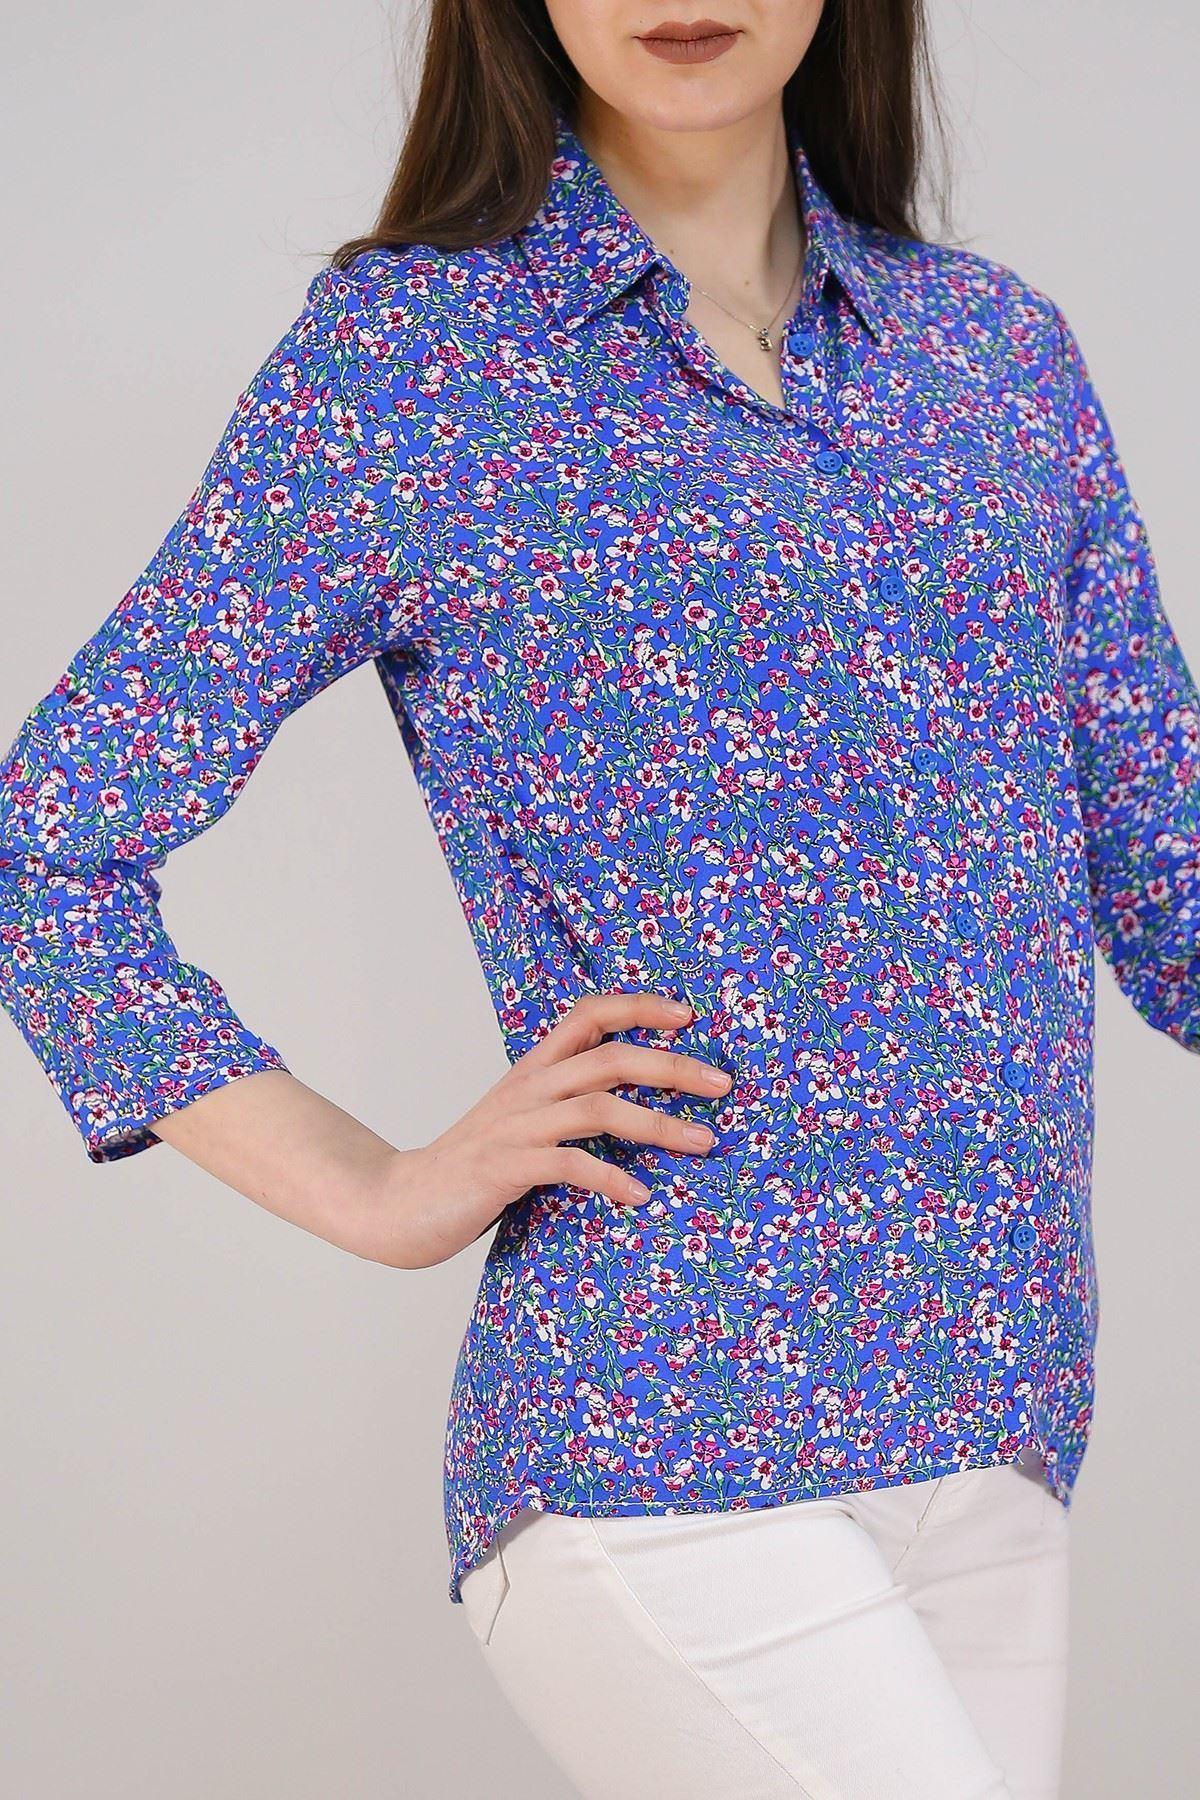 Desenli Gömlek Maviçiçekli - 5087.128.